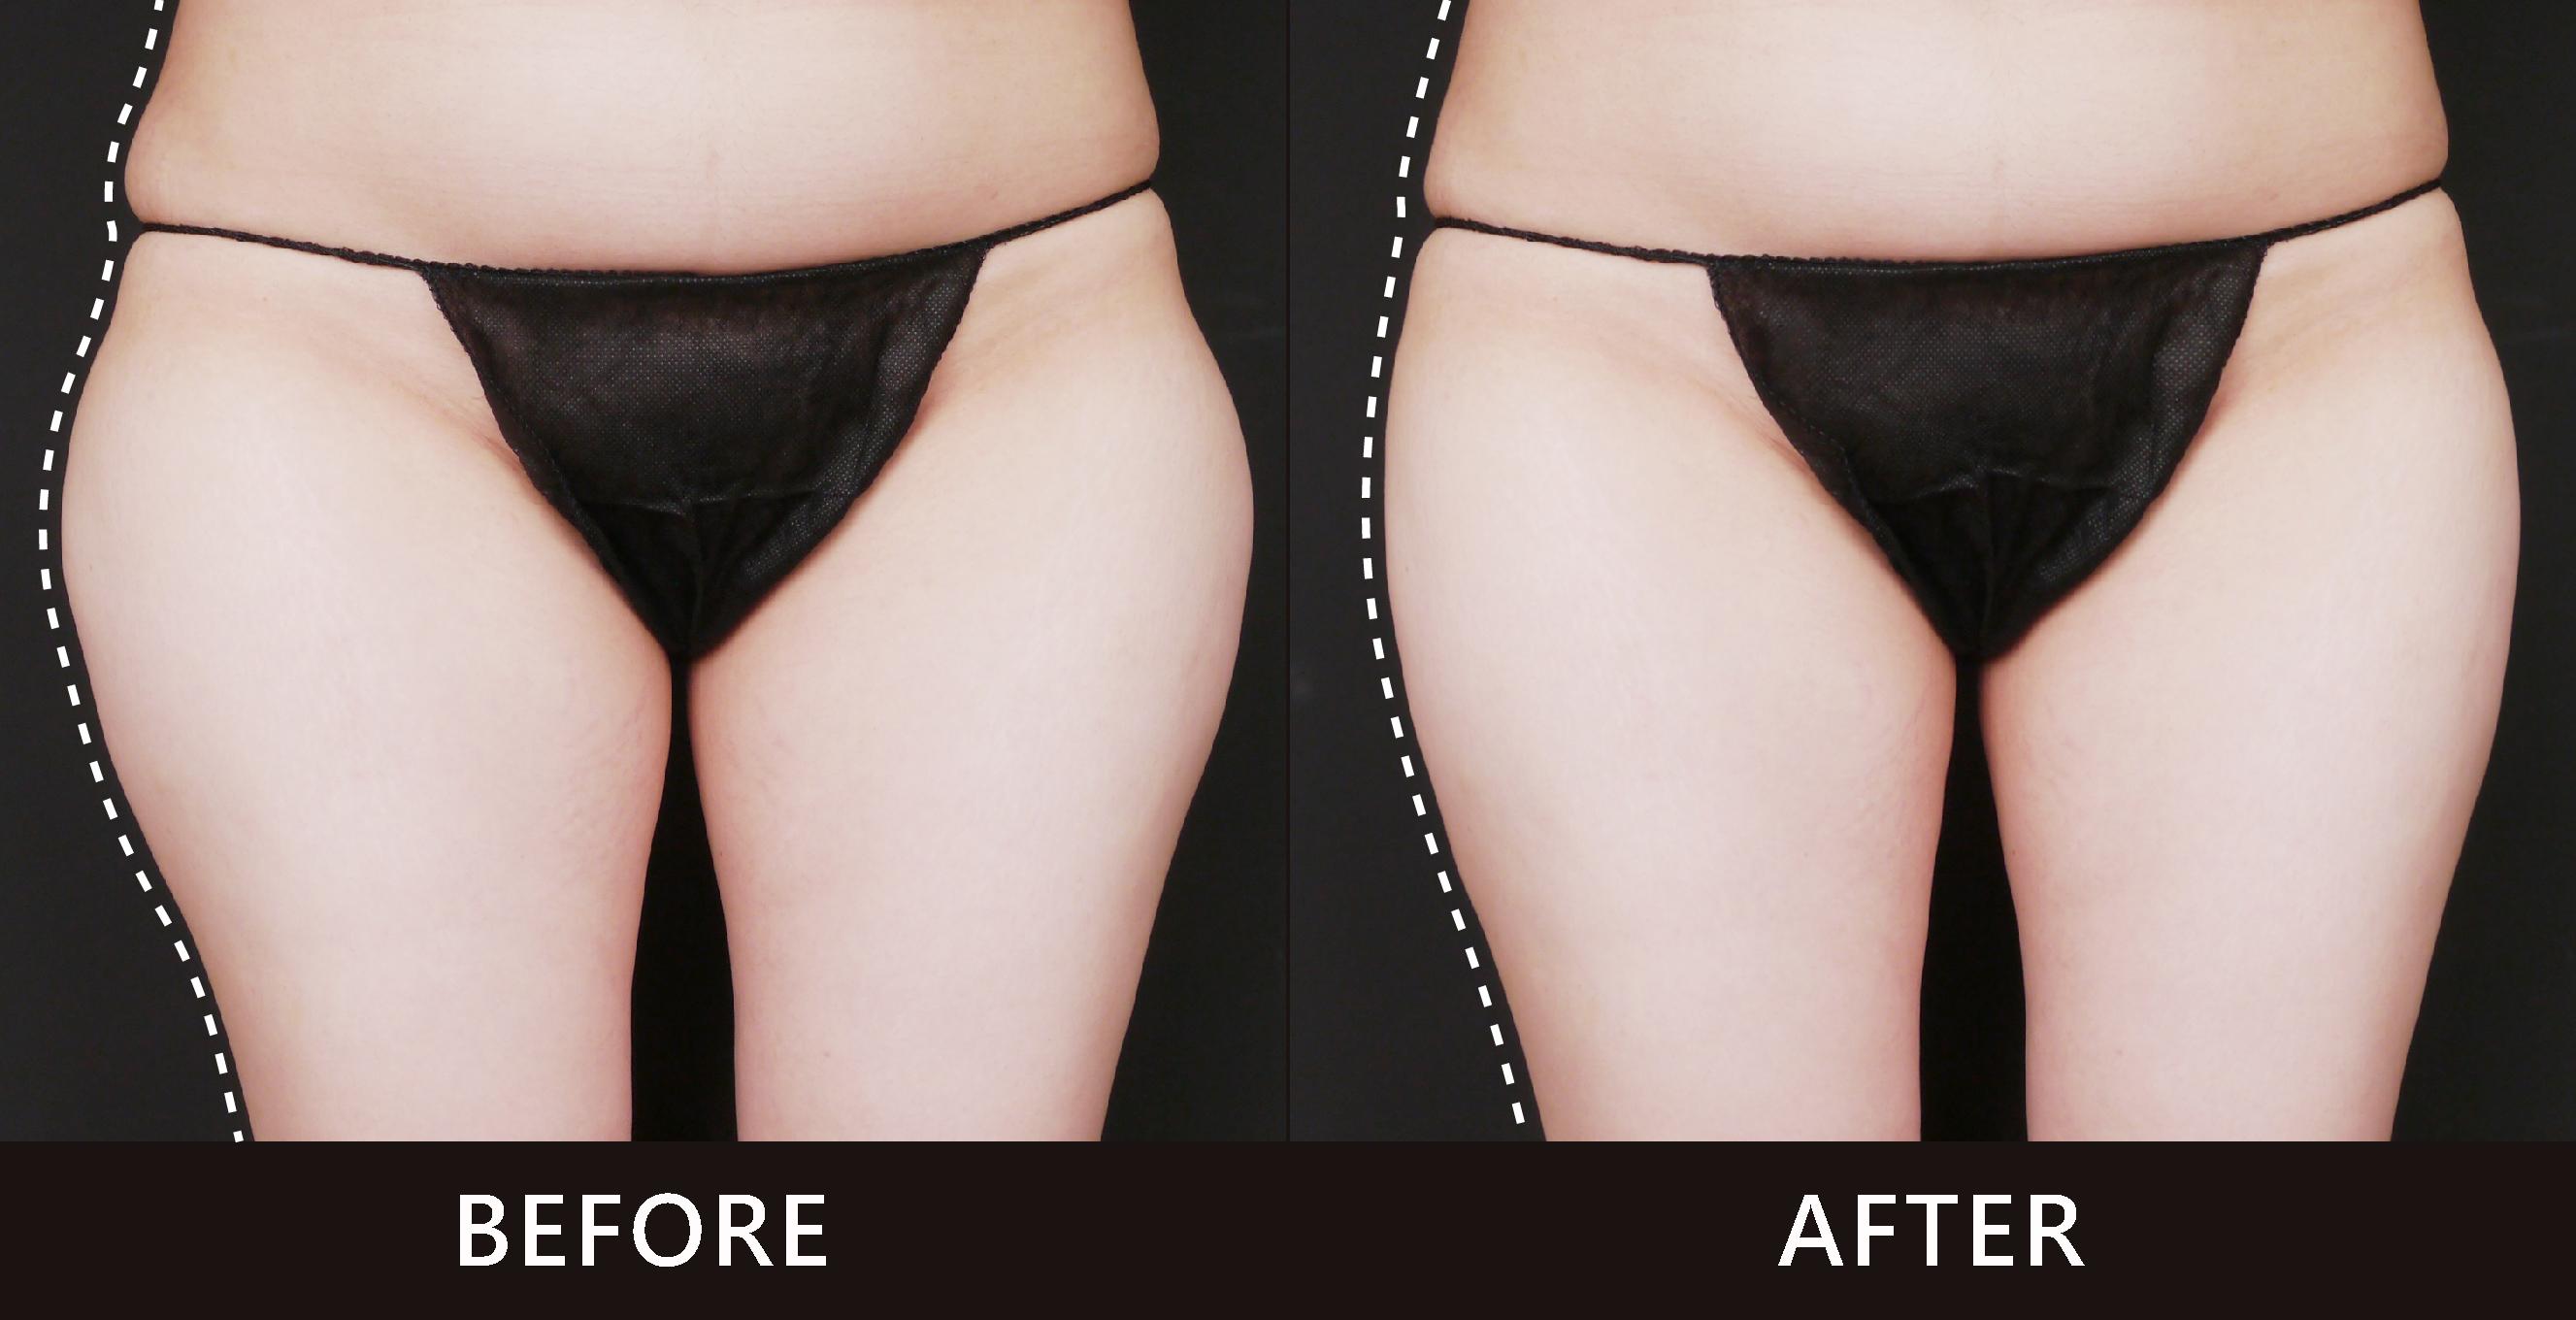 女性朋友最討厭腰臀側面脂肪凸起,讓全身比例不佳。在經由酷塑冷凍減脂的雕塑下了,大腿外側曲線柔順,整體感覺變得協調。